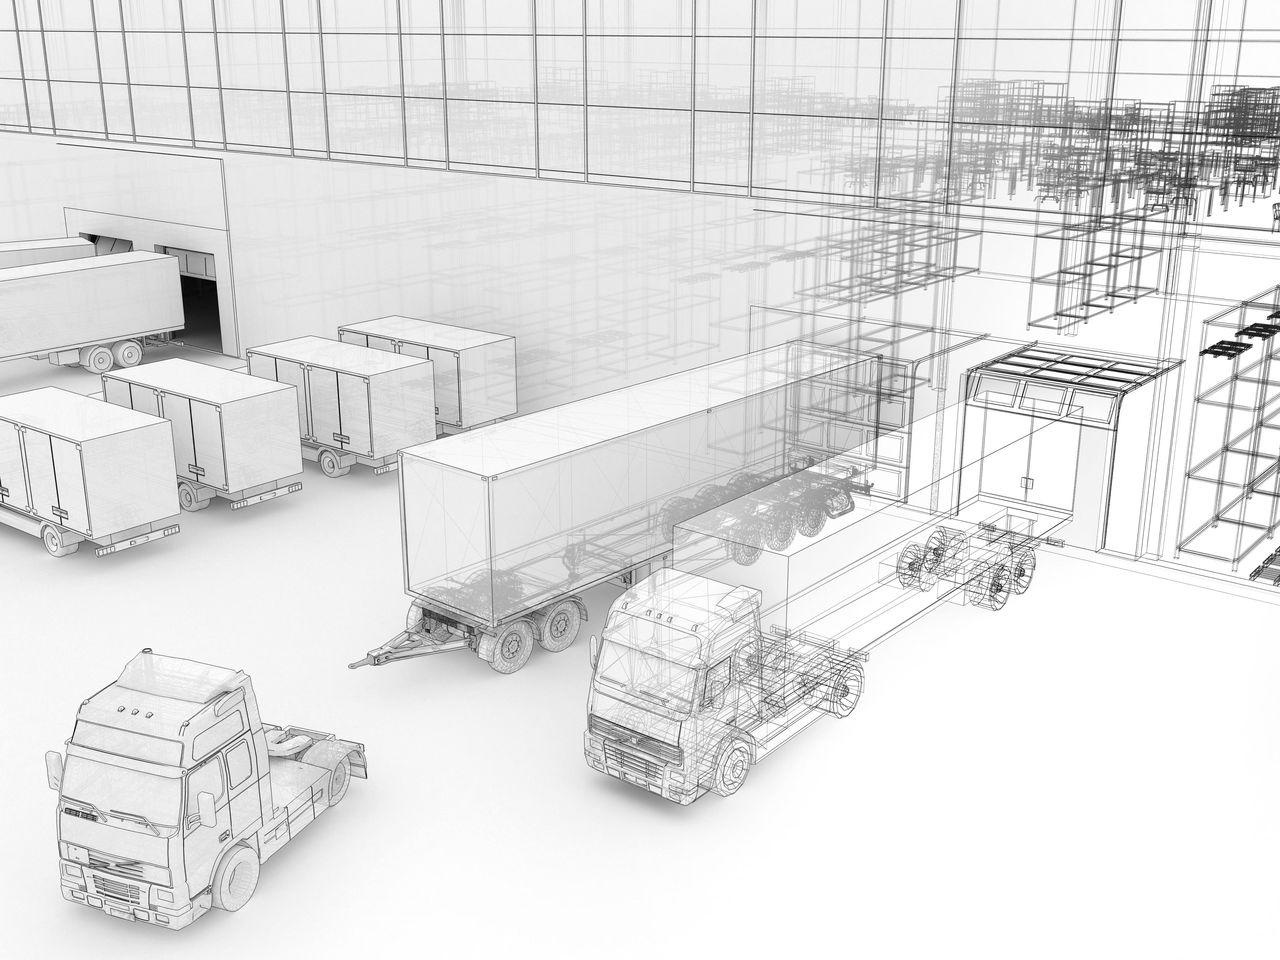 Iho k z t k zleked slogisztikai konferencia m r most for Draw layout warehouse